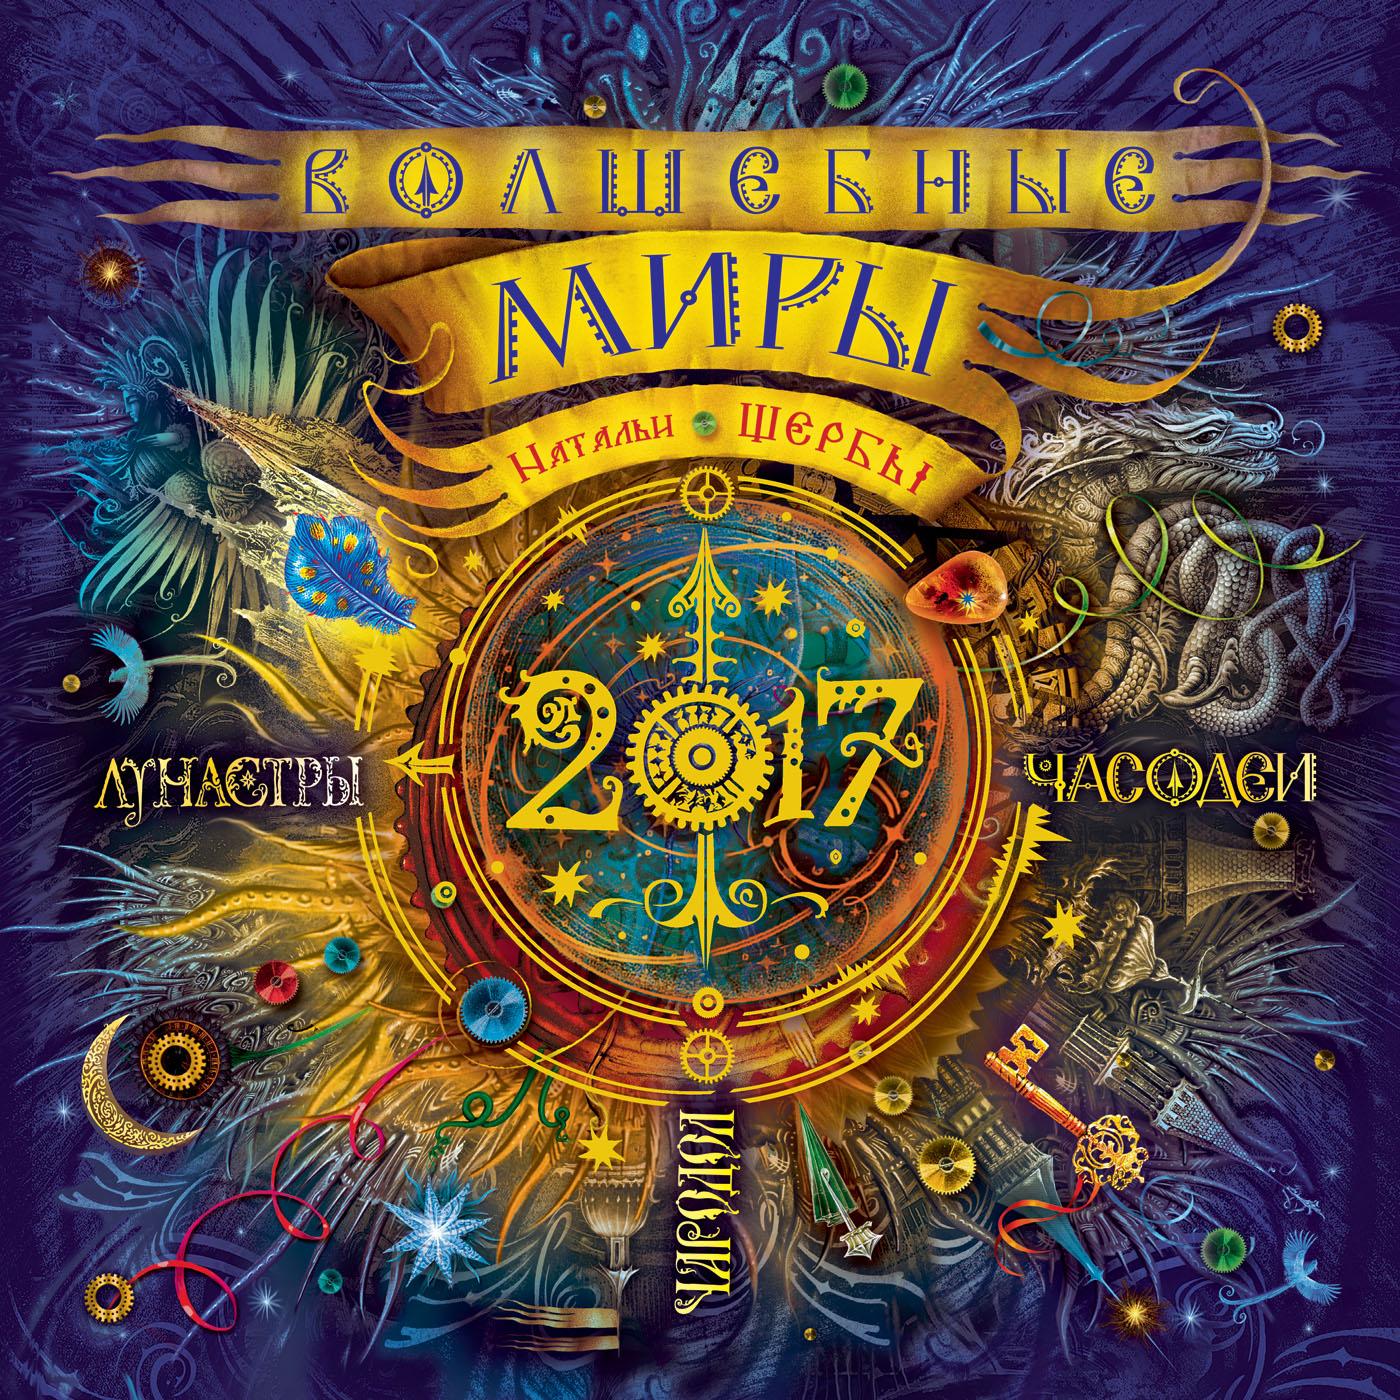 Календарь 2017. Волшебные миры Н. Щербы часодеи 1 часть